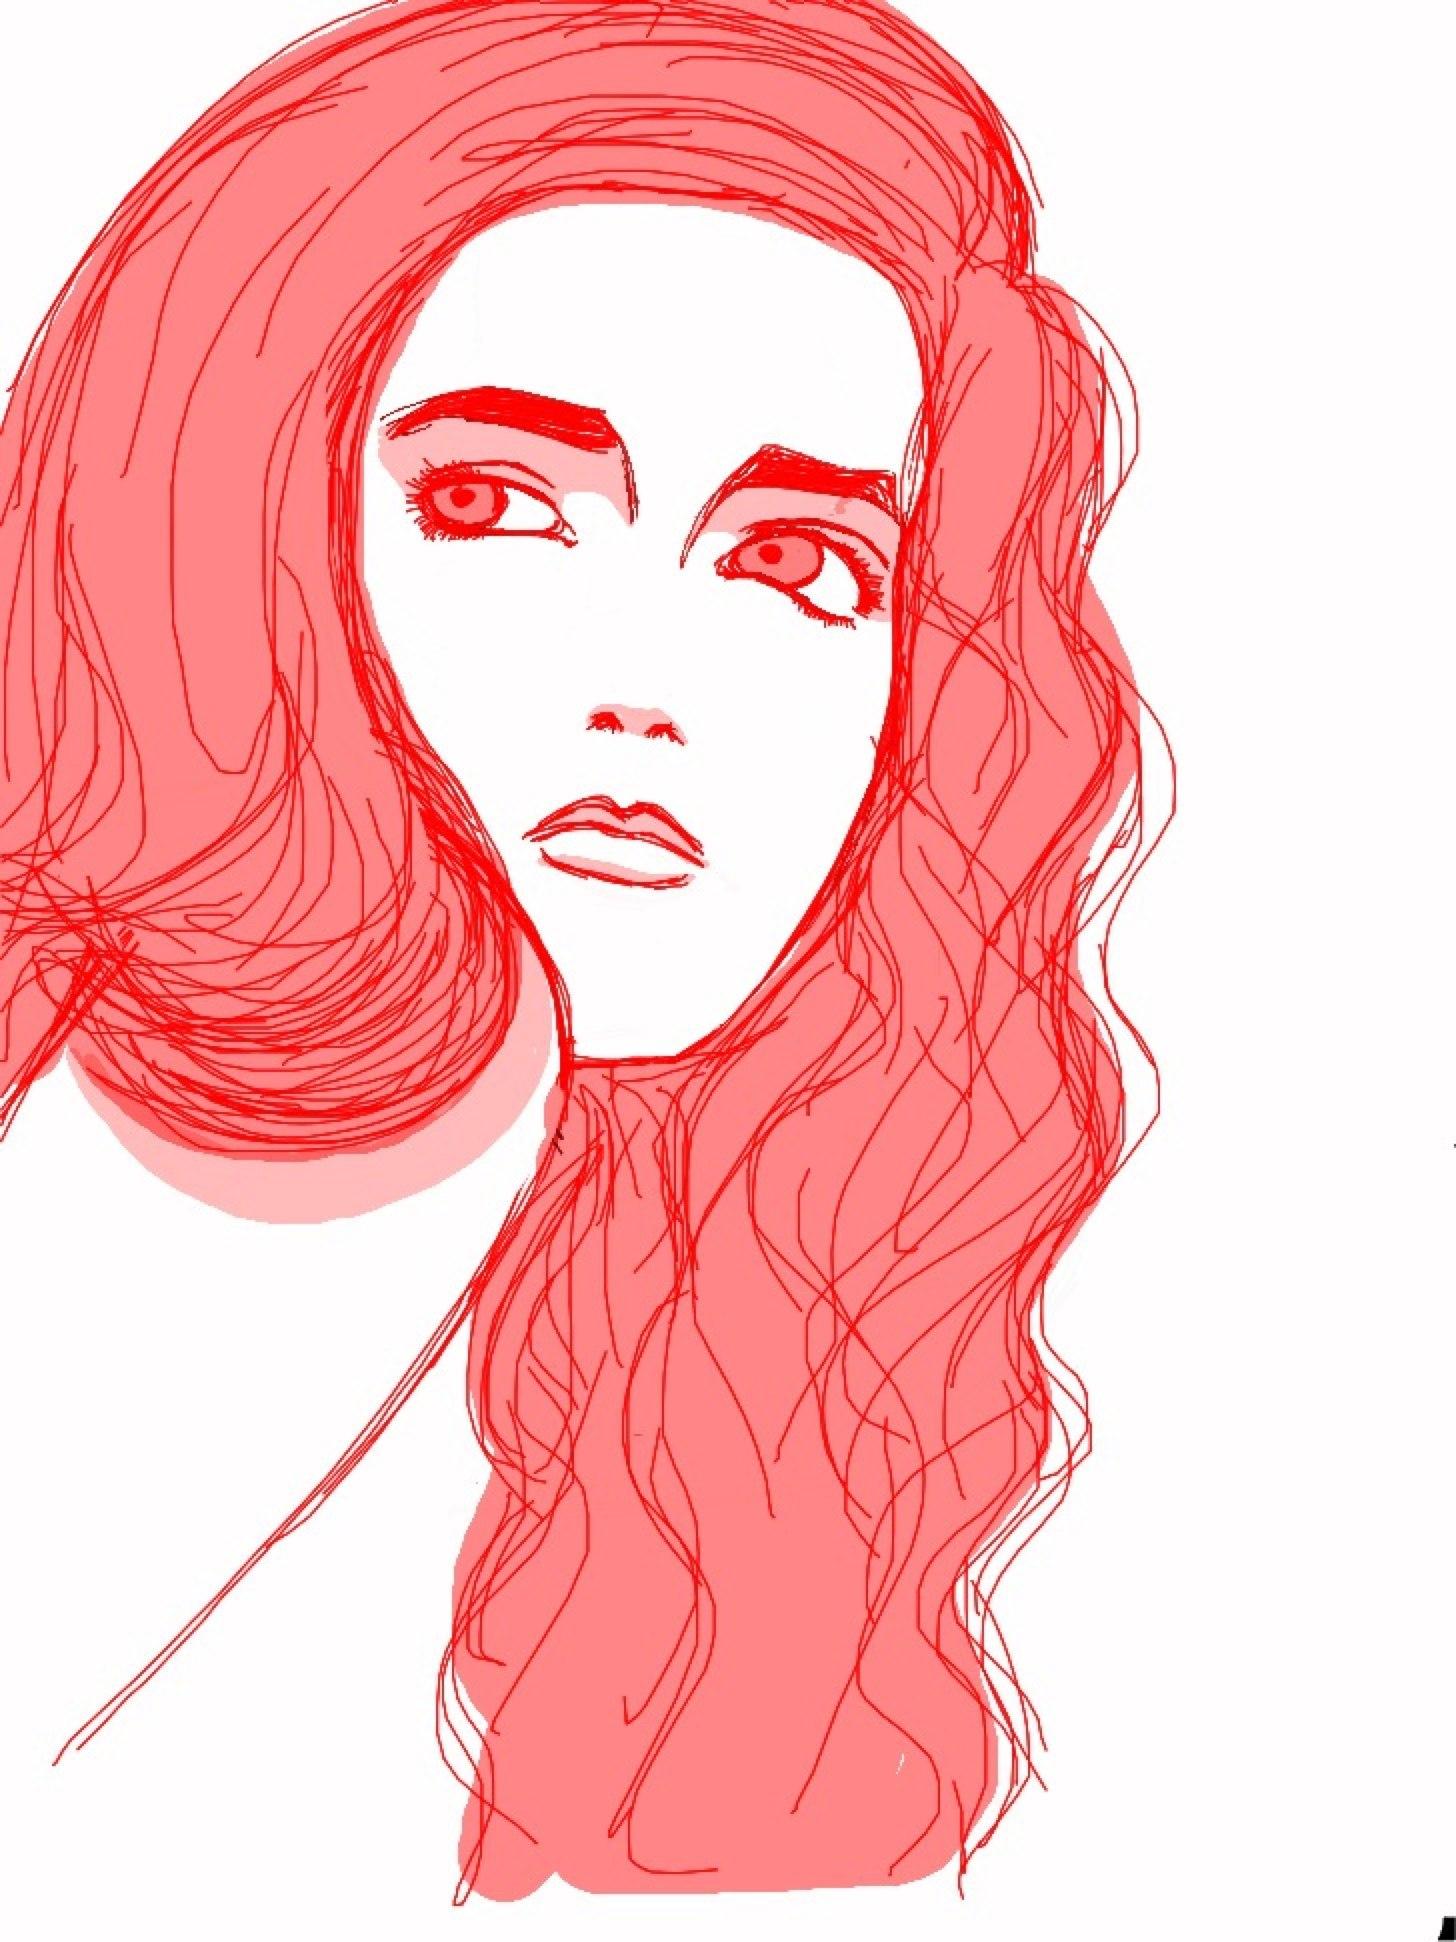 http://cs323919.userapi.com/v323919421/2b7a/5nTiwOXiLk0.jpg